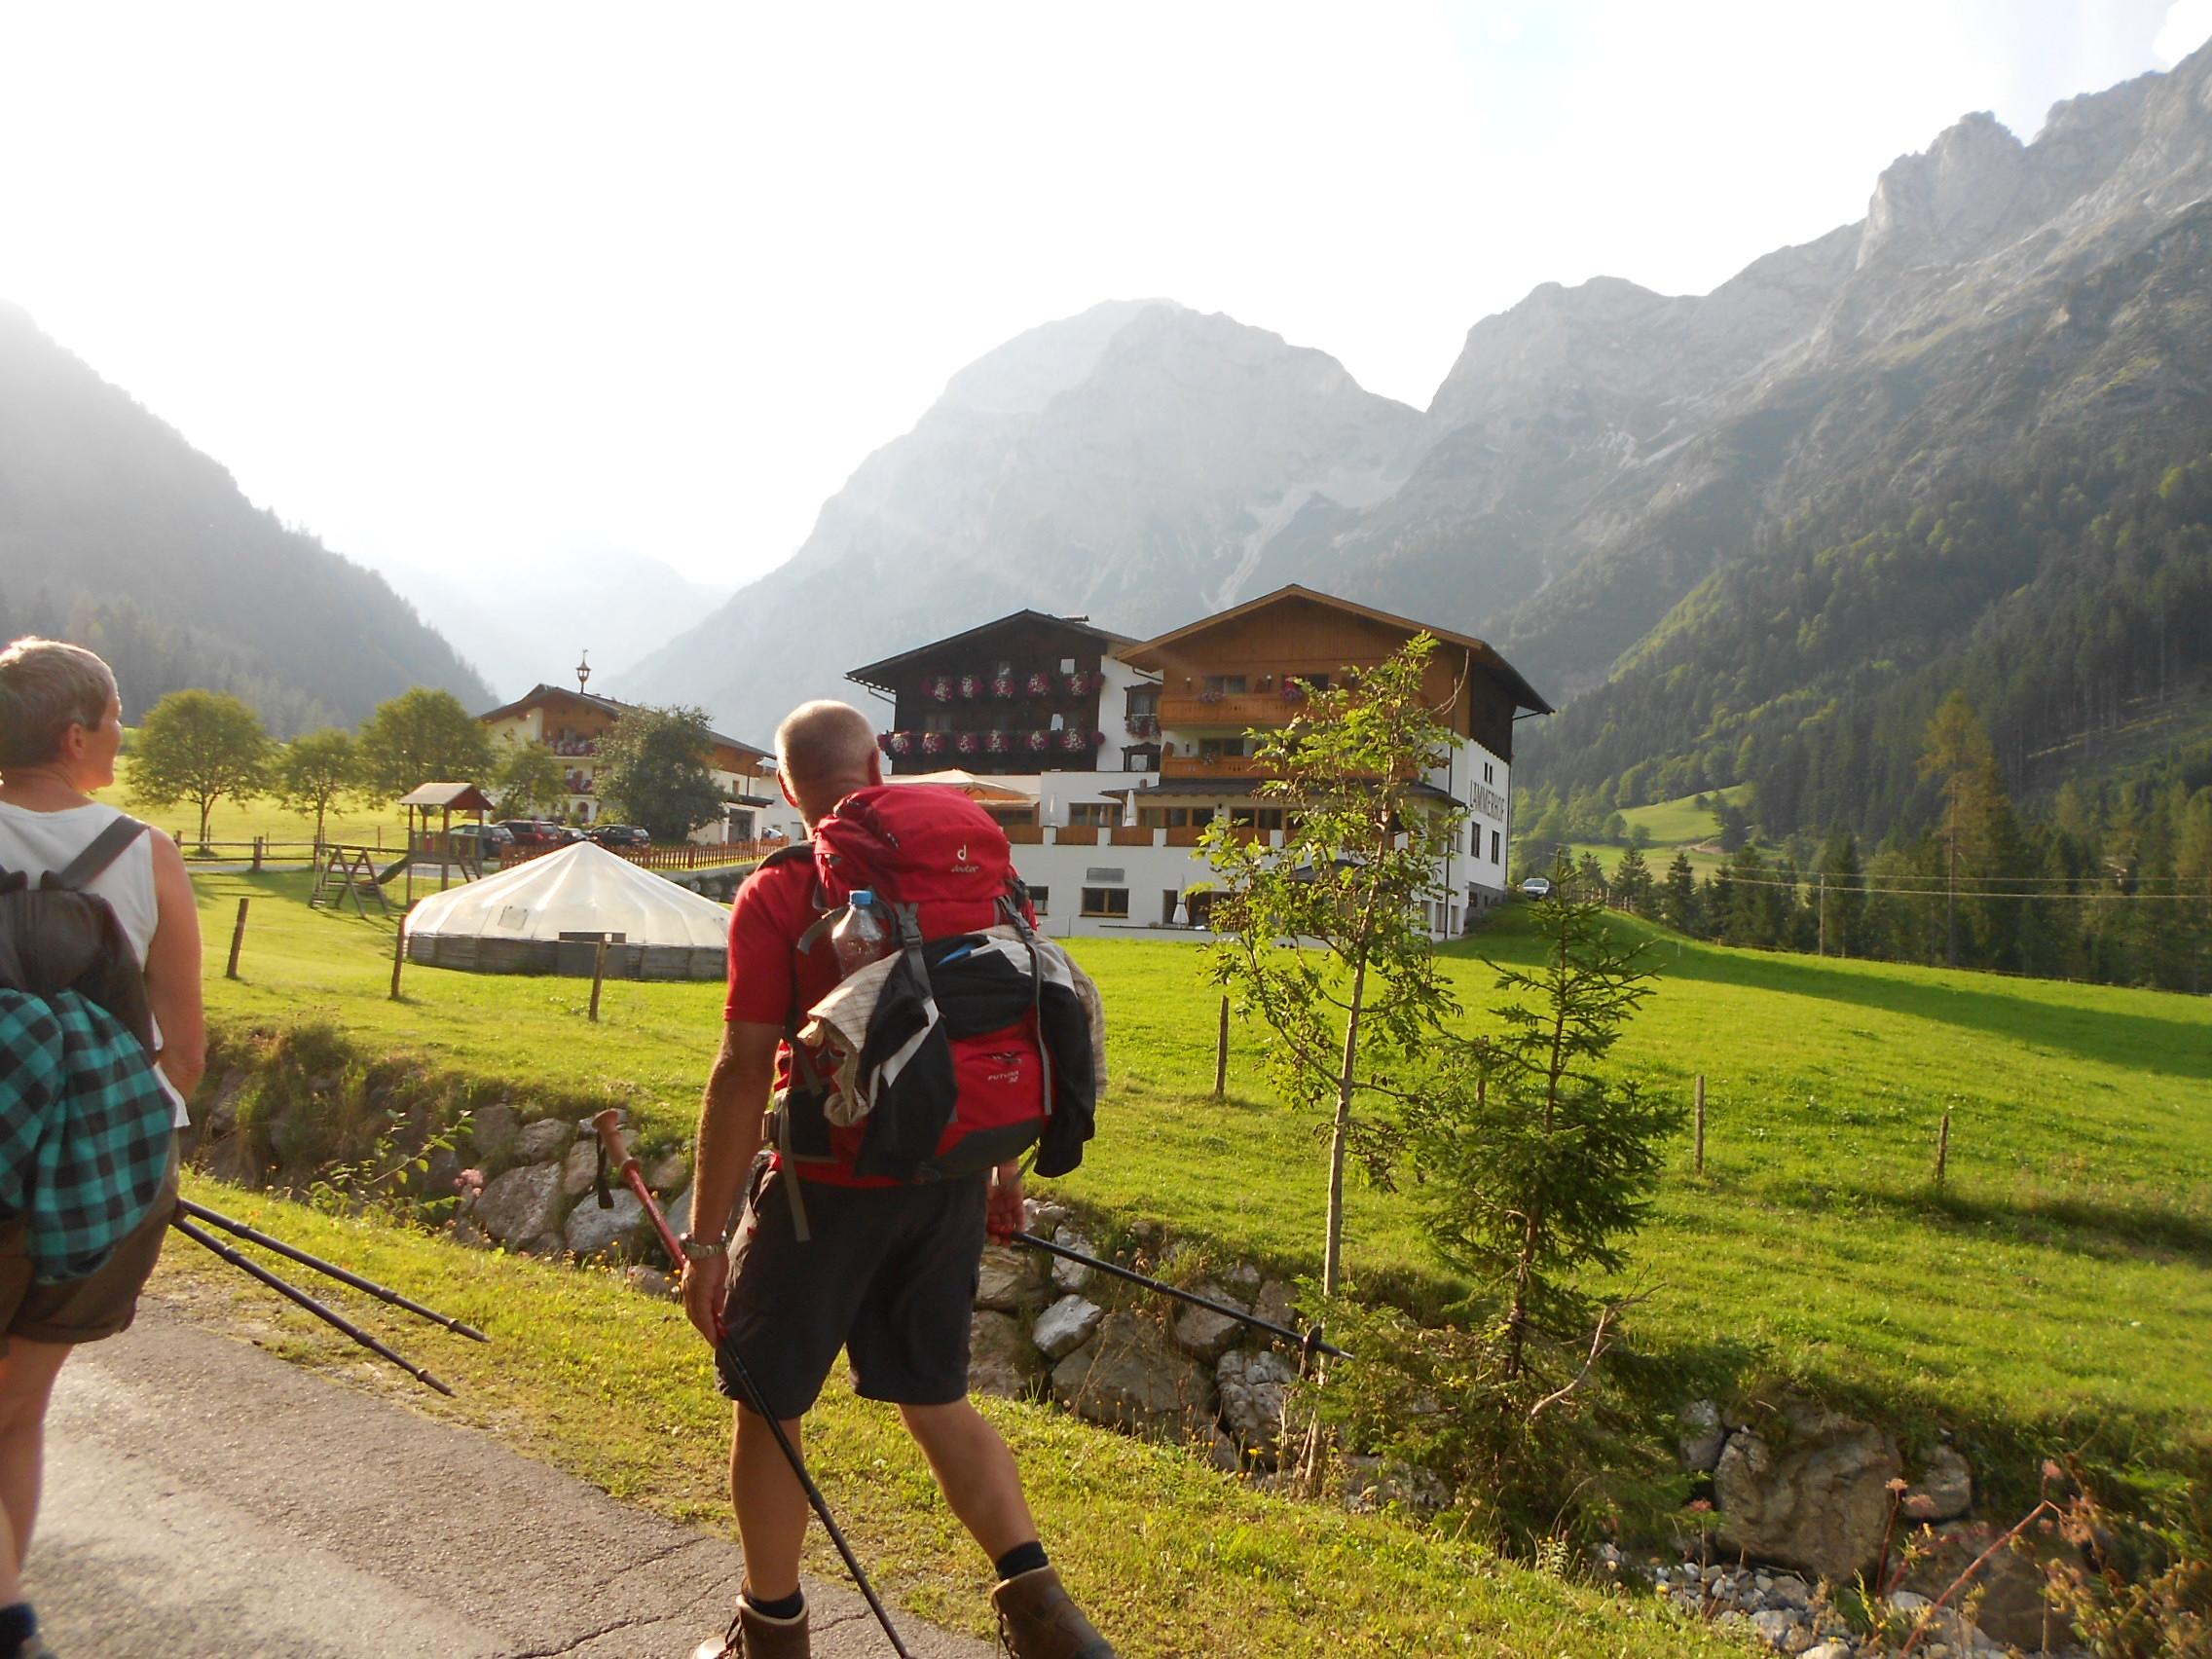 Wandern im Bauernherbst im Lammertal - Alpengasthof Lämmerhof